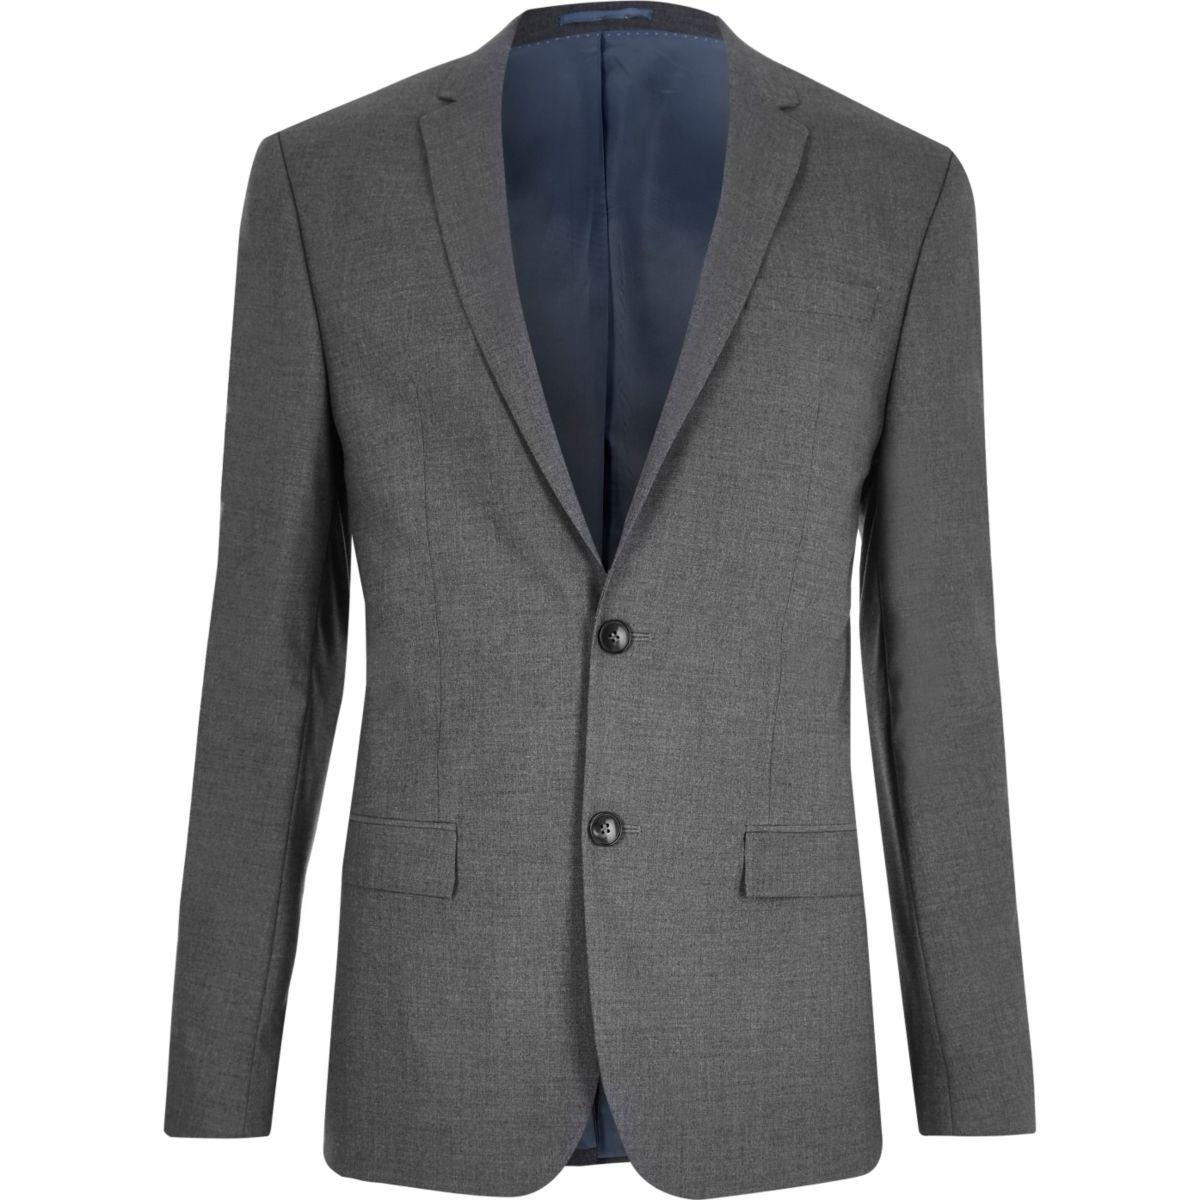 Veste de costume cintr e gris fonc costumes soldes homme - Costume gris fonce ...